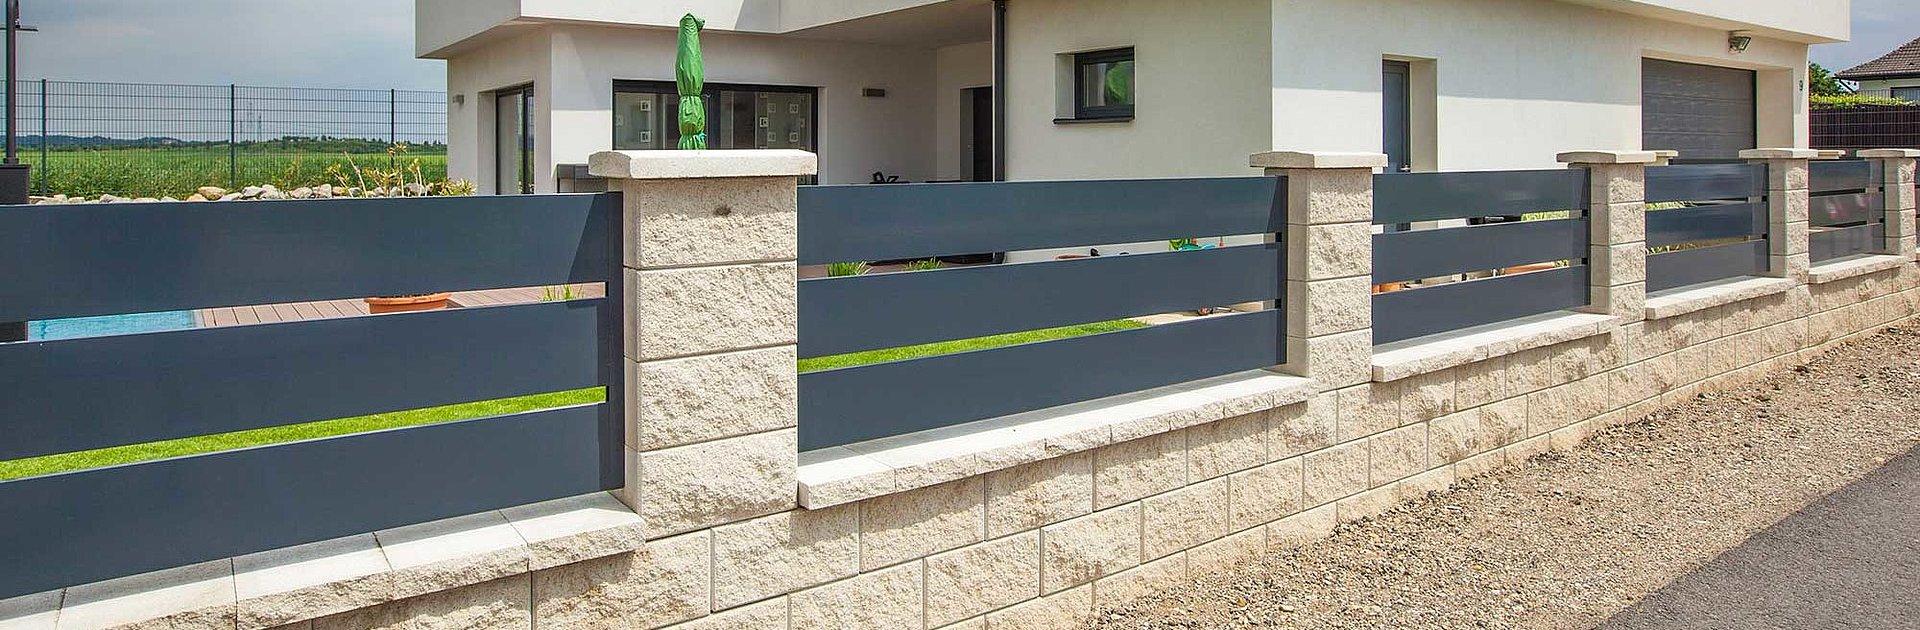 Moderner Gartenzaun aus Aluminium mit Querlatten in anthrazit